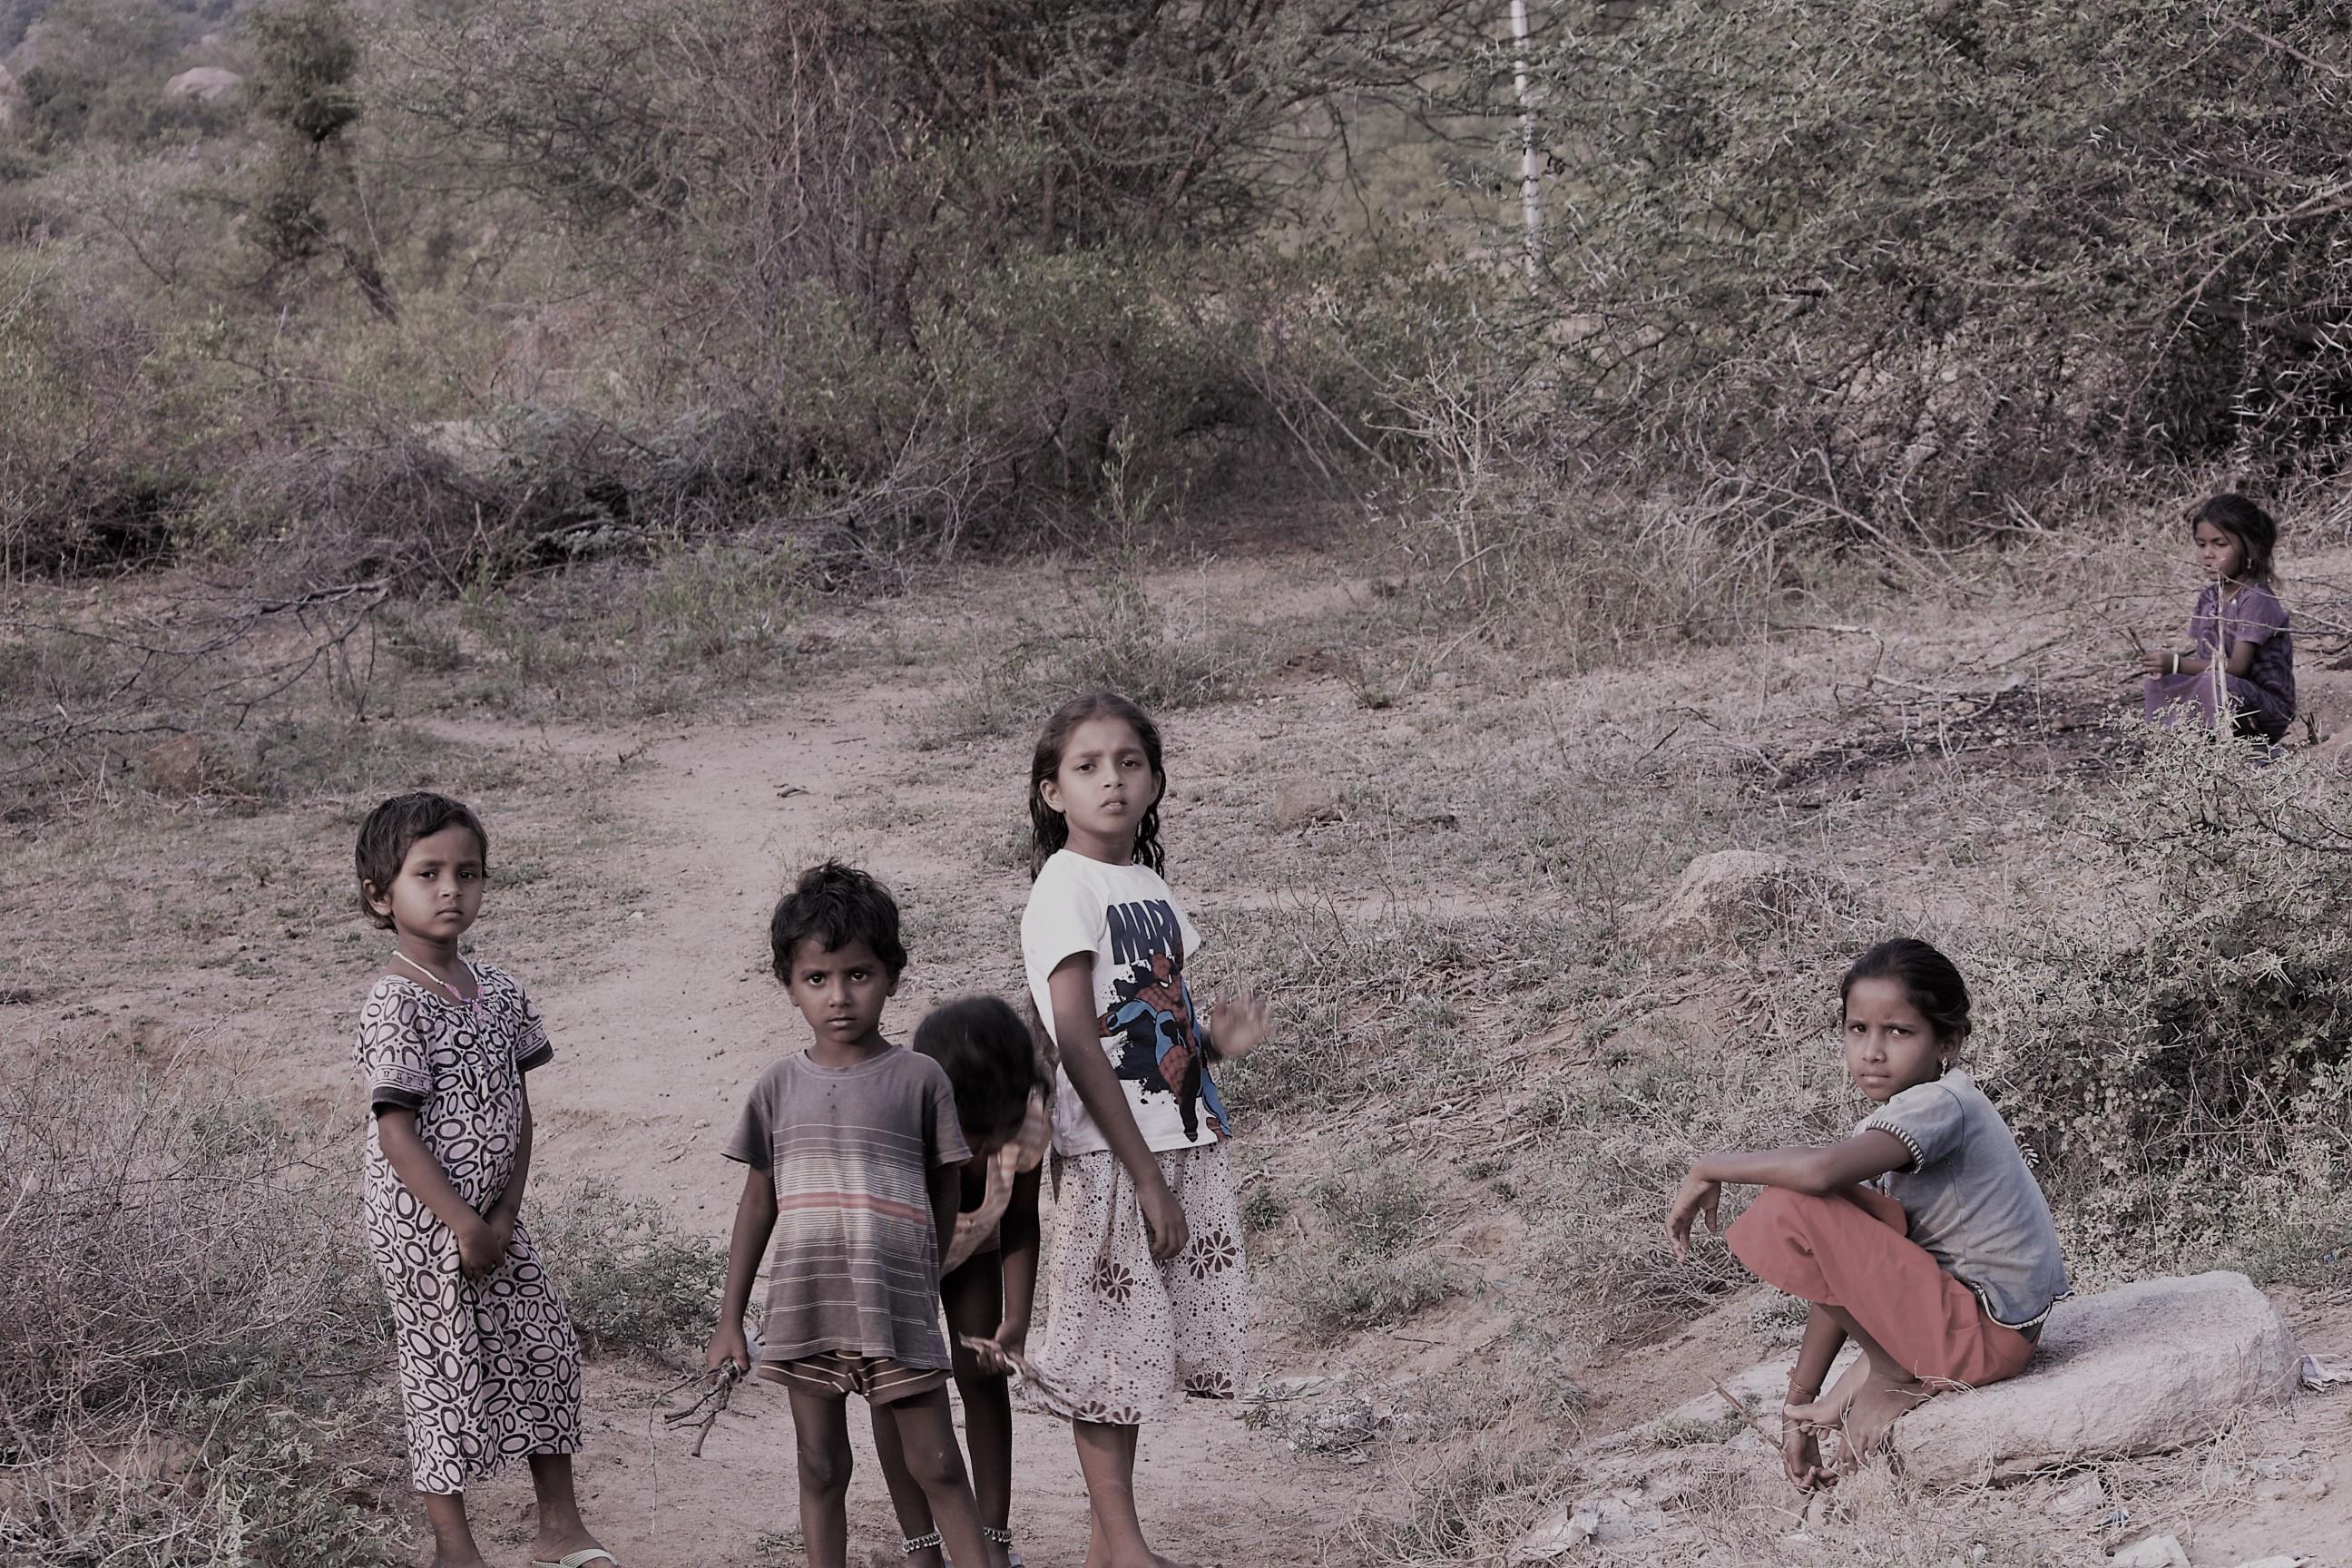 குழந்தைகள் கோப்புப் படம்: ஐஷ்வர்யா